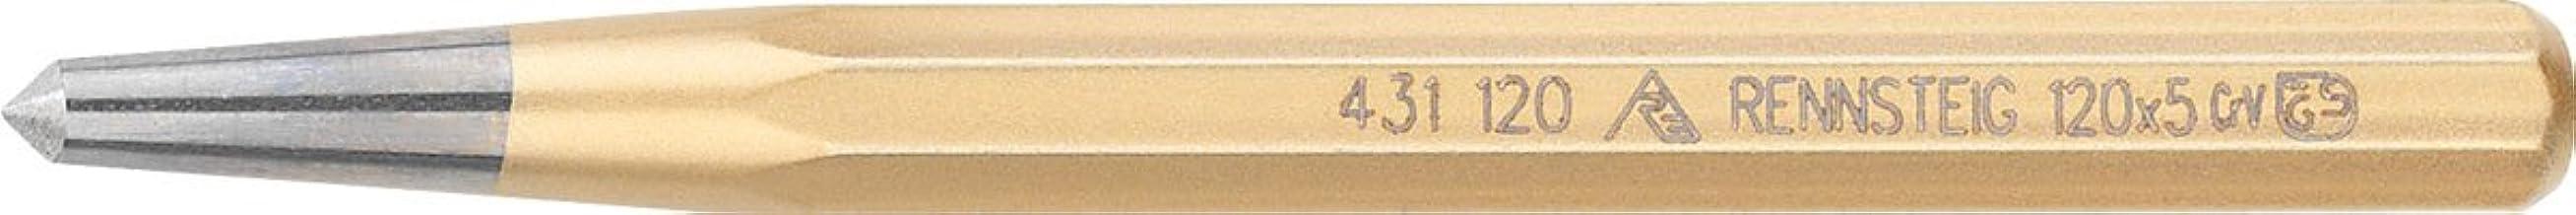 Rennsteig Rner 120 10 5mm